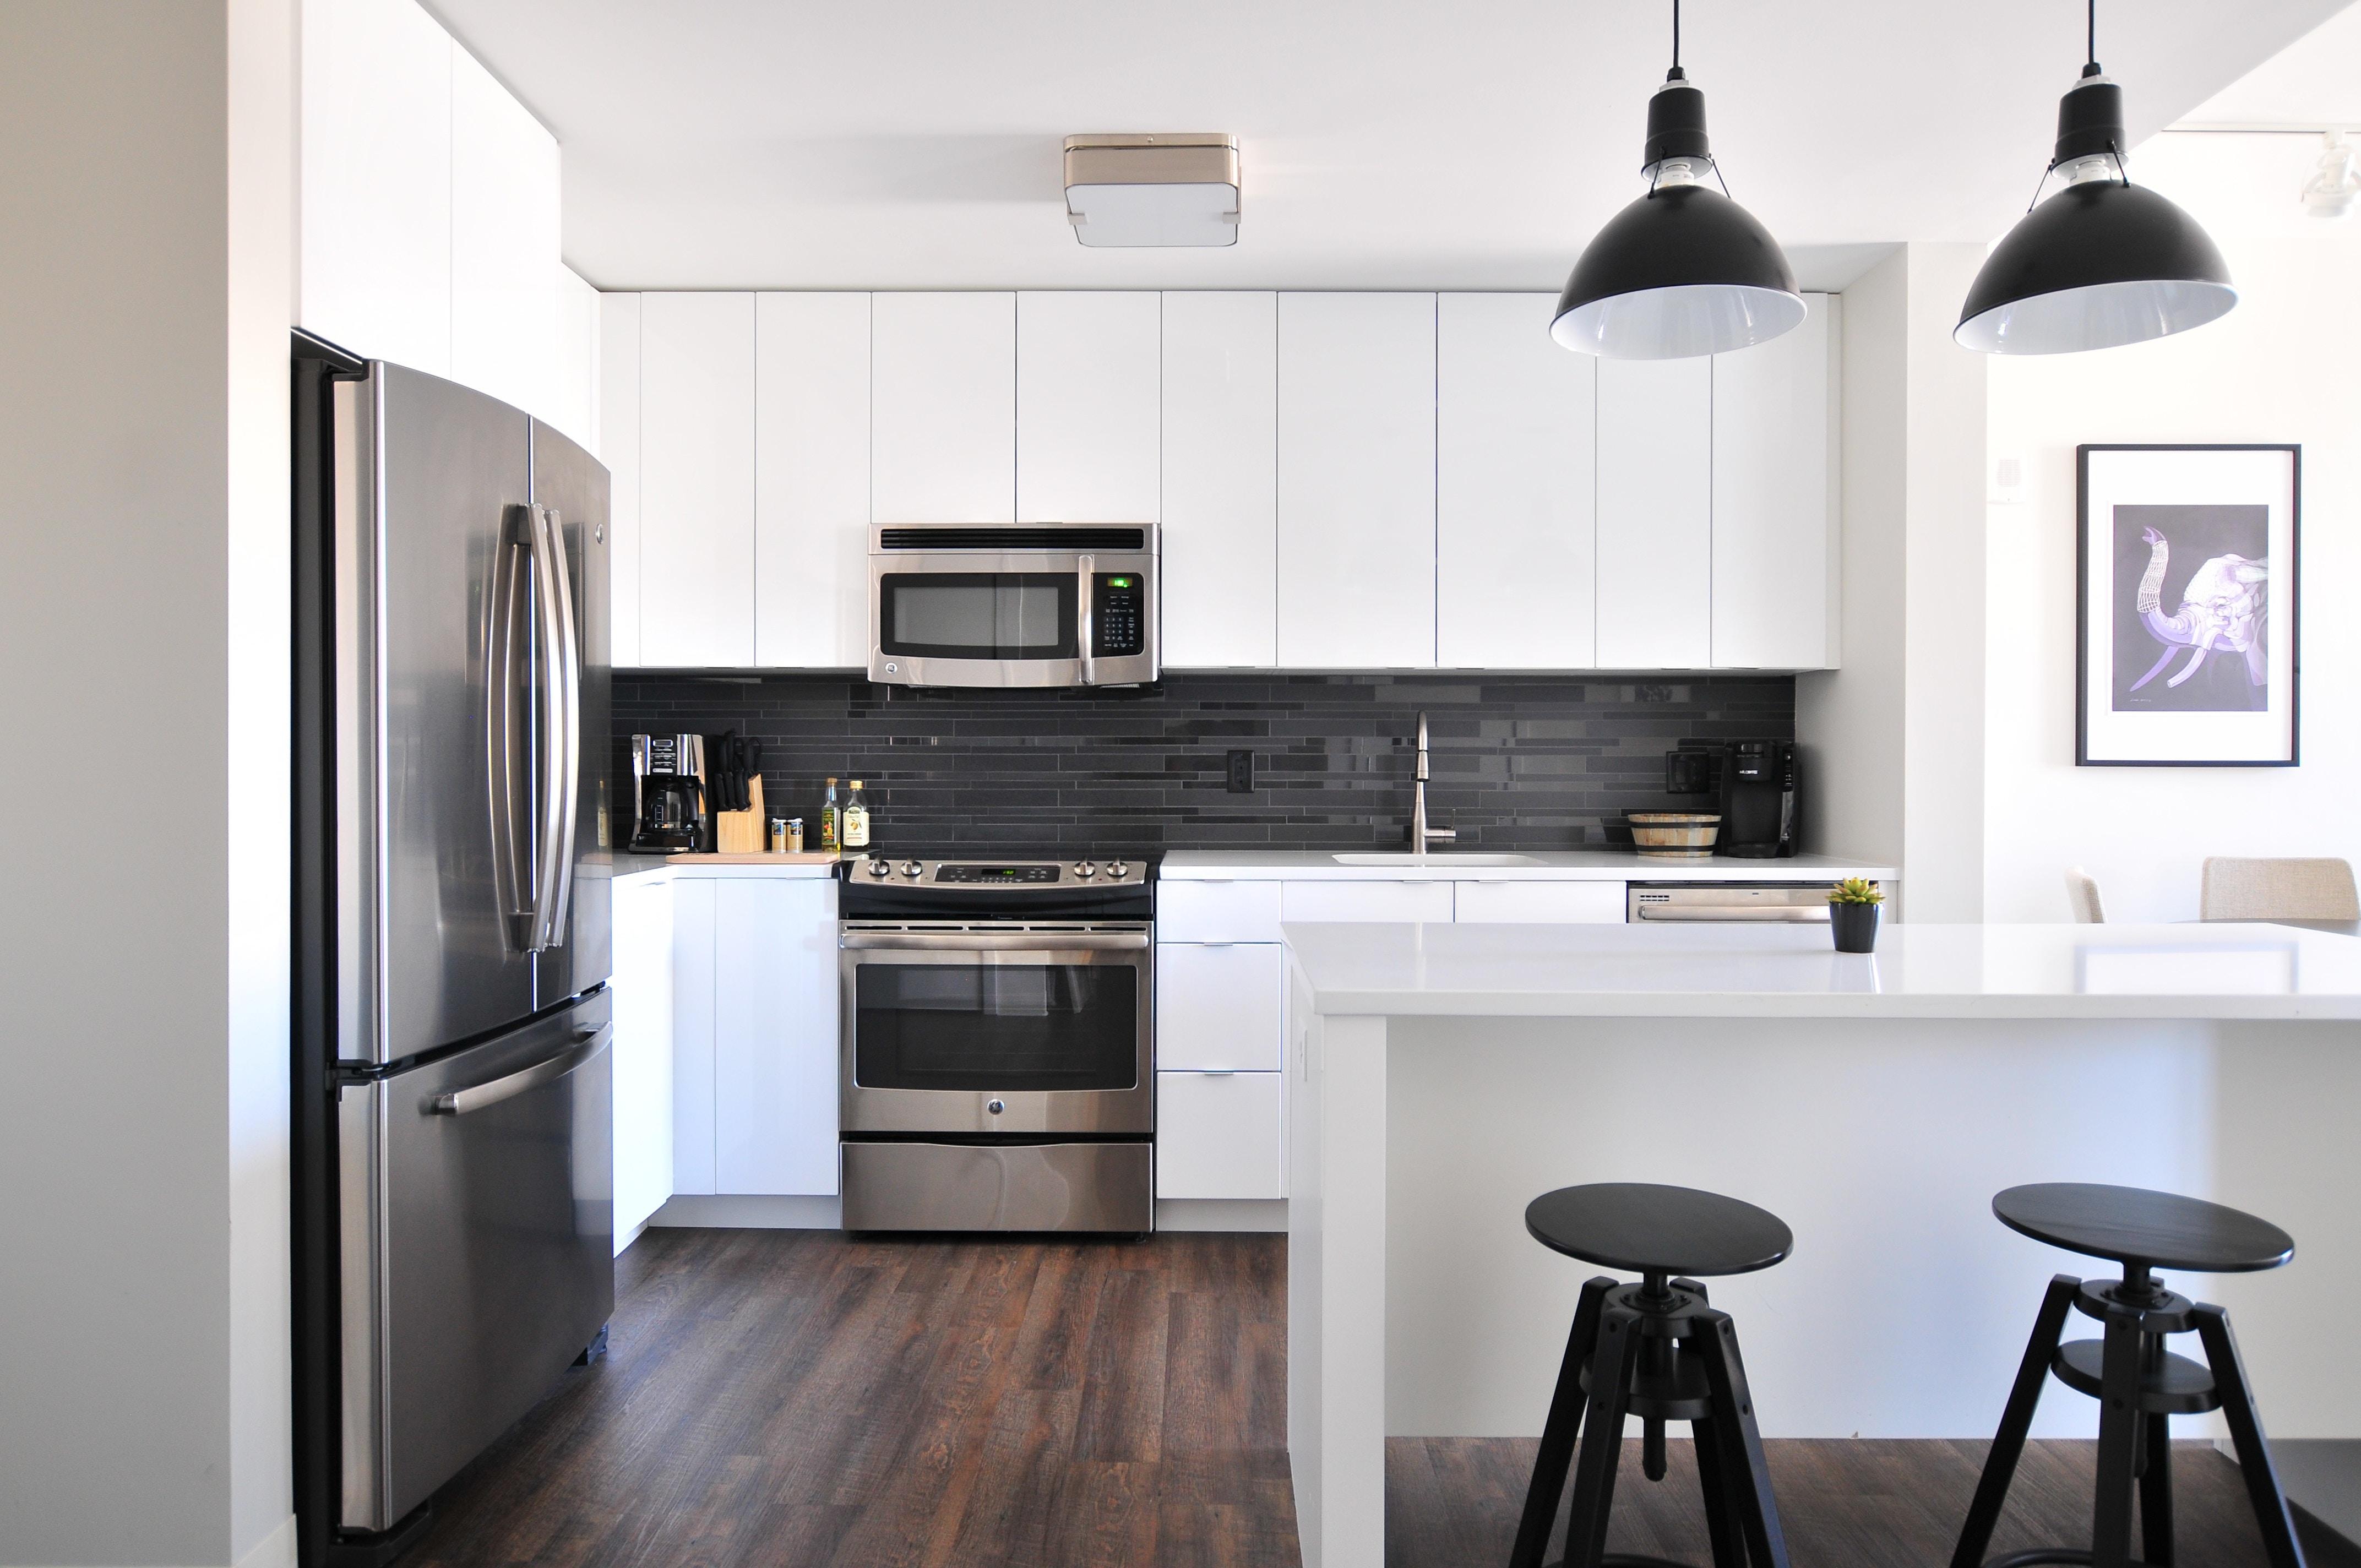 muebles artesanales de cocina